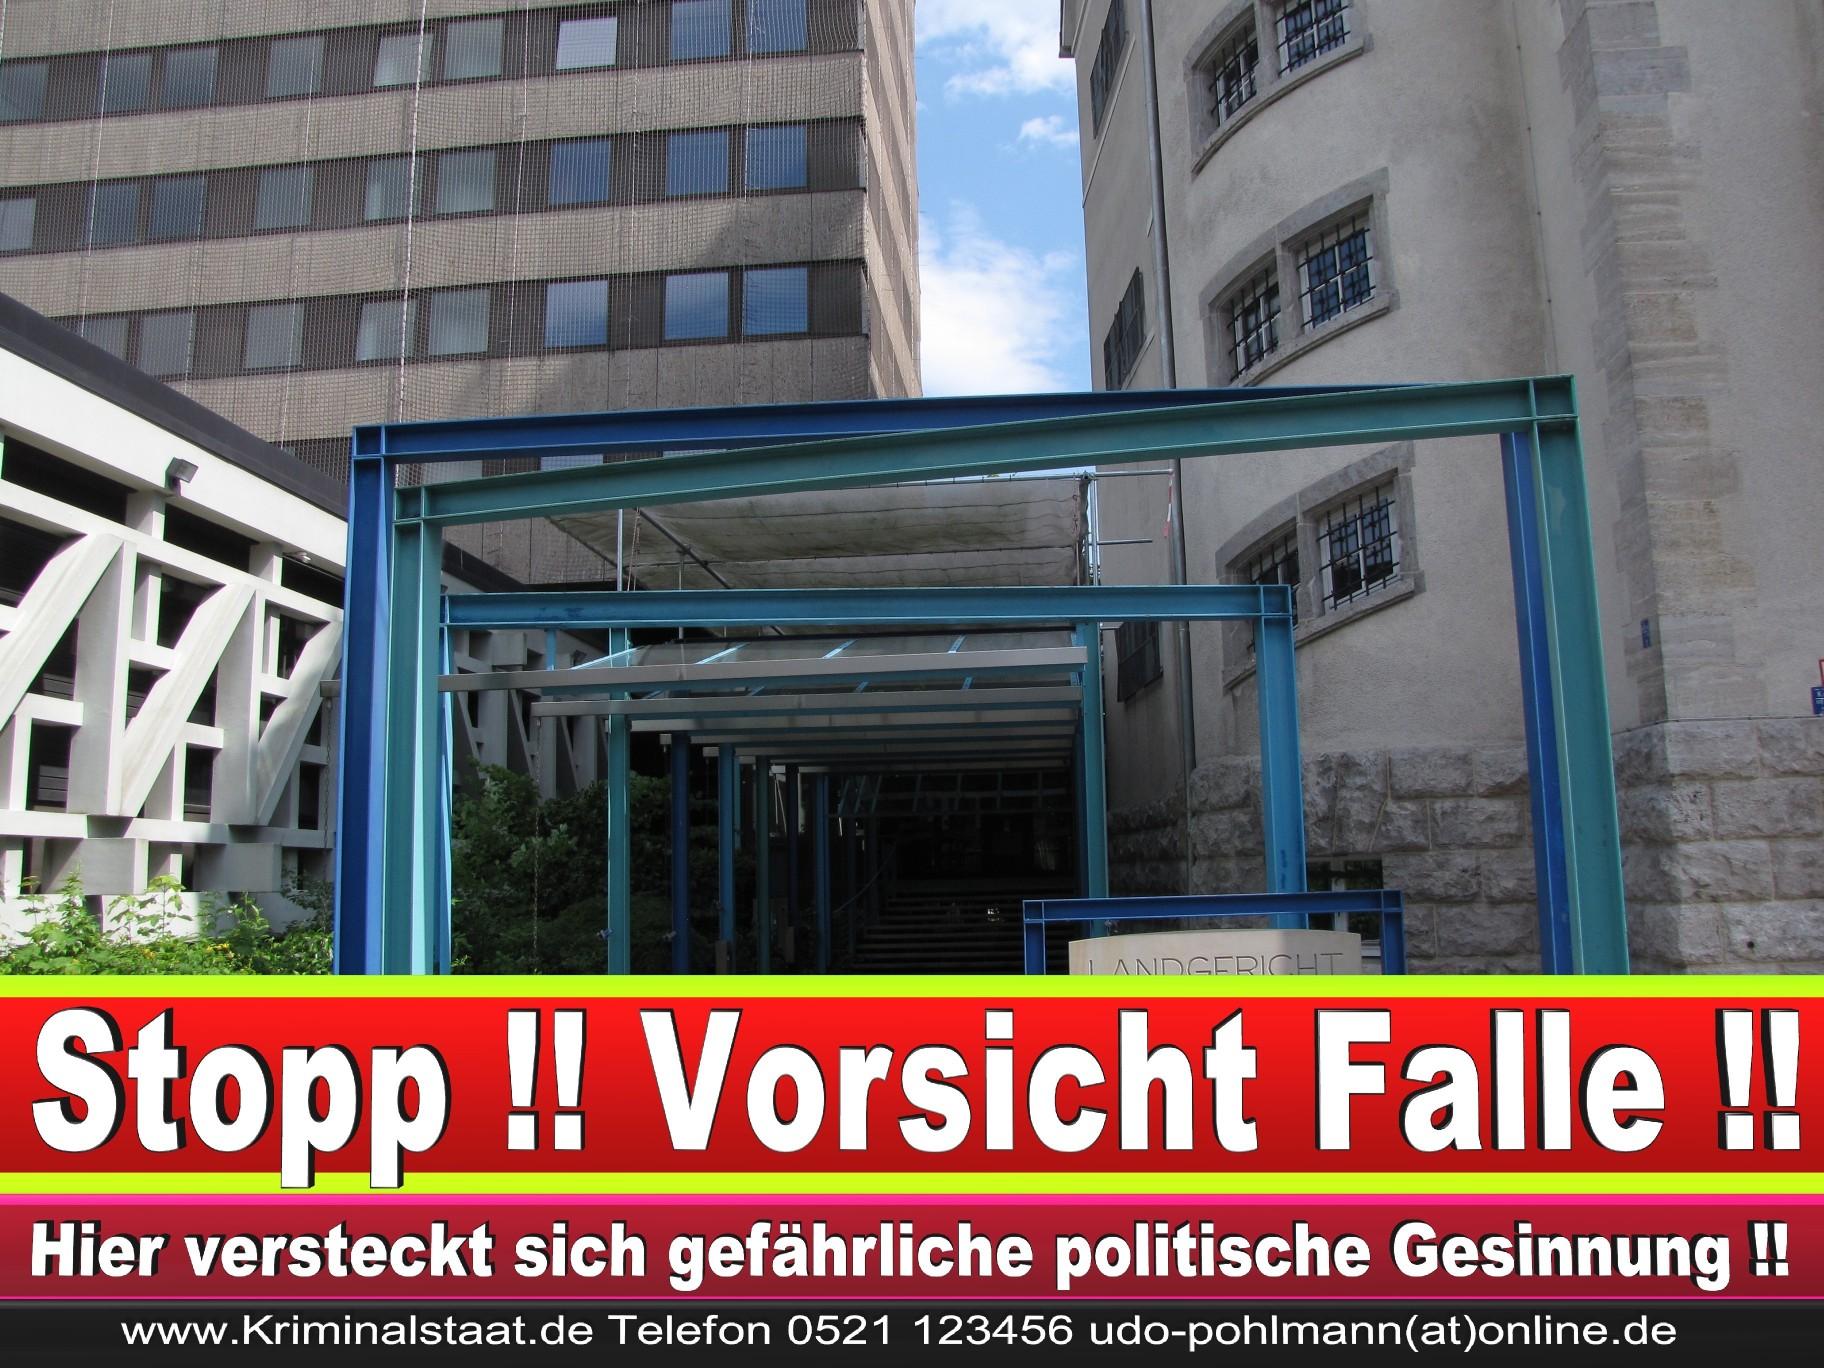 CDU Landgericht Bielefeld Landgerichtspräsident Klaus Petermann Hochstraße Bünde Jens Gnisa Richterbund Richtervereinigung 8